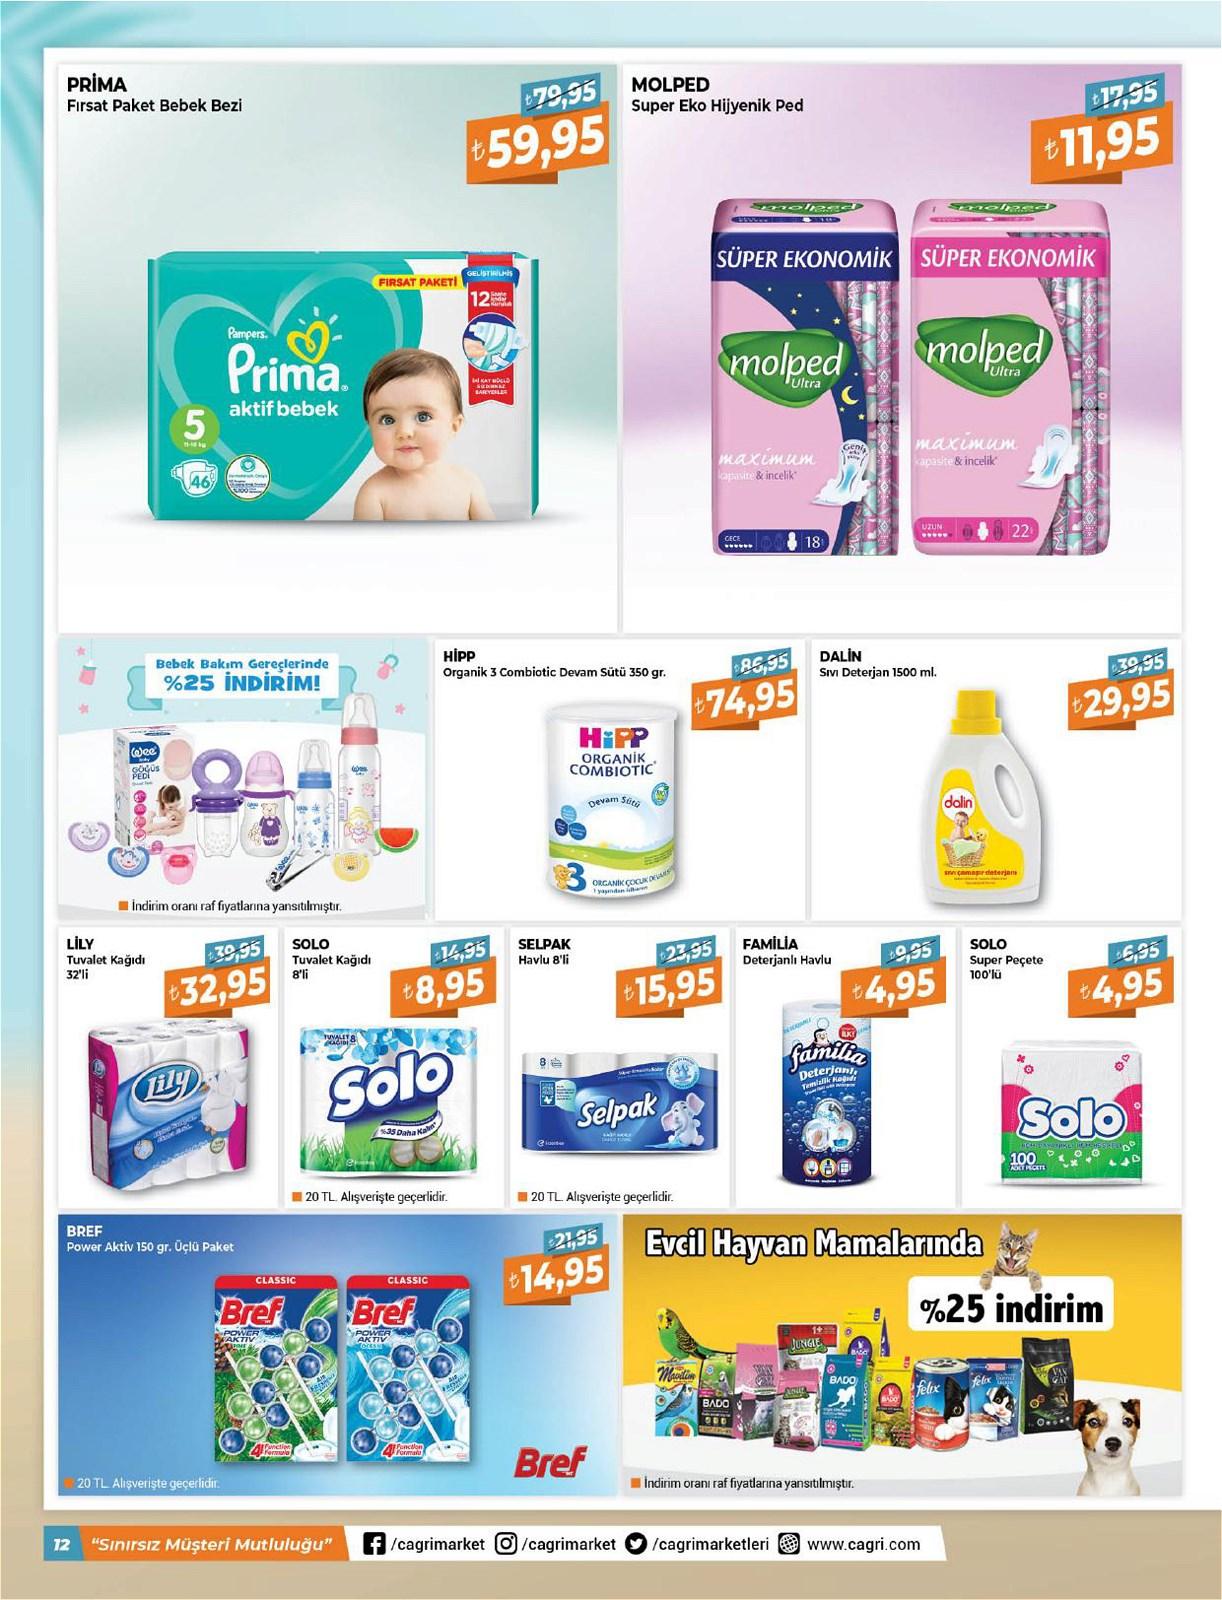 05.06.2021 Çağrı Hipermarket broşürü 12. sayfa